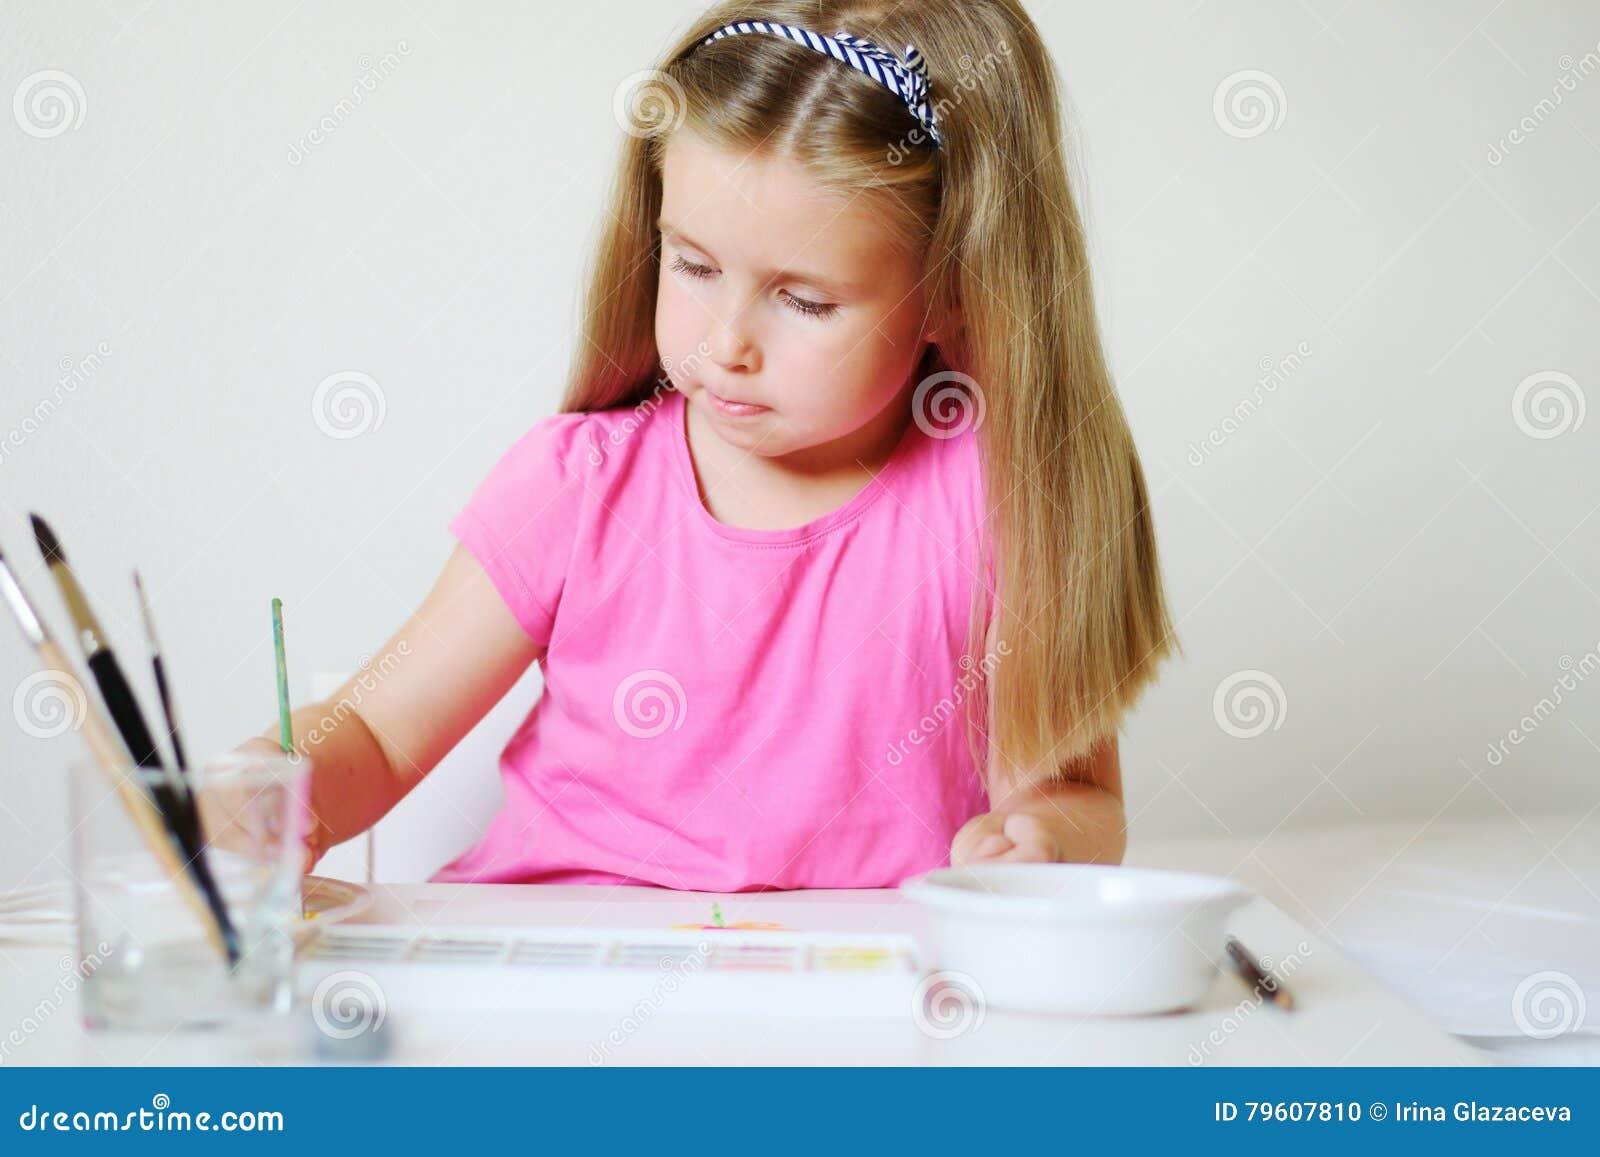 Het aanbiddelijke meisje schilderen met waterverf in een zonnige witte ruimte thuis stock foto - Tiener meubilair ruimte meisje ...